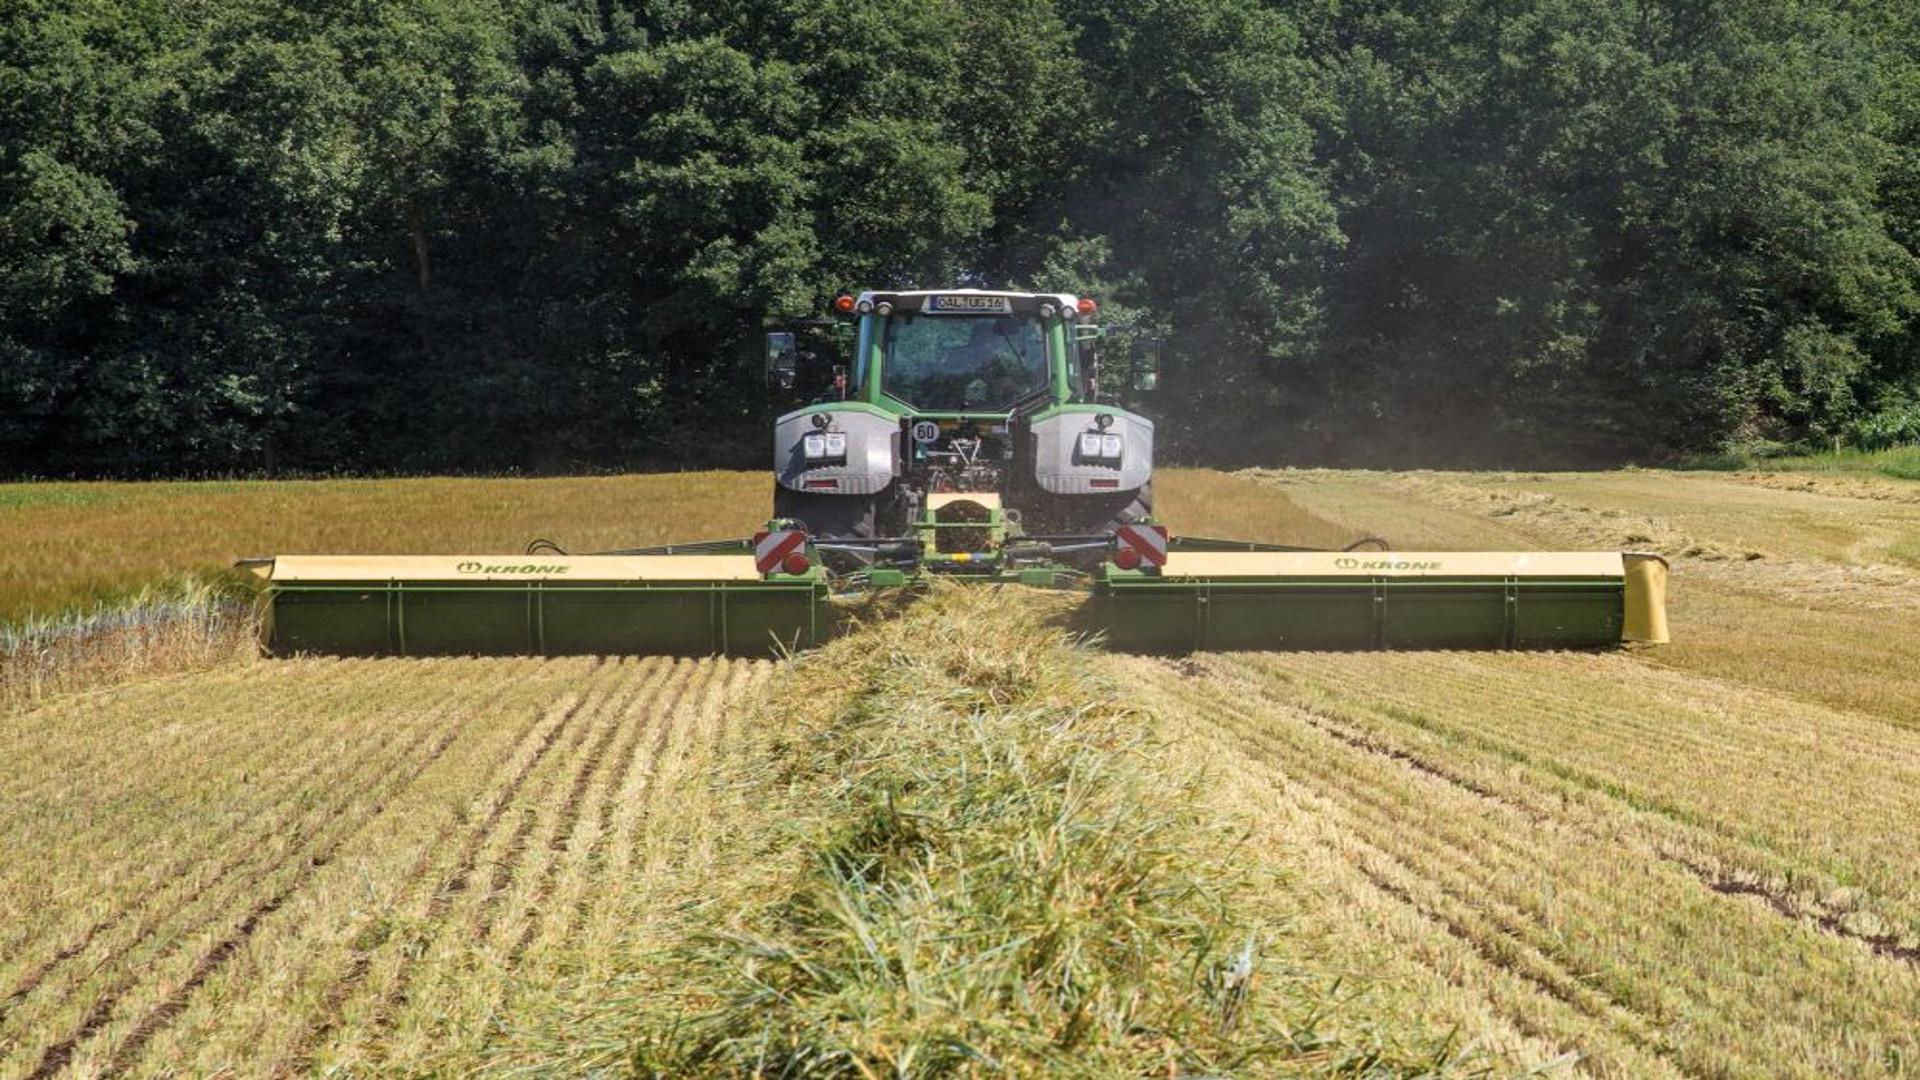 Los tractores agricolas tambien deben pasar la ITV.1920